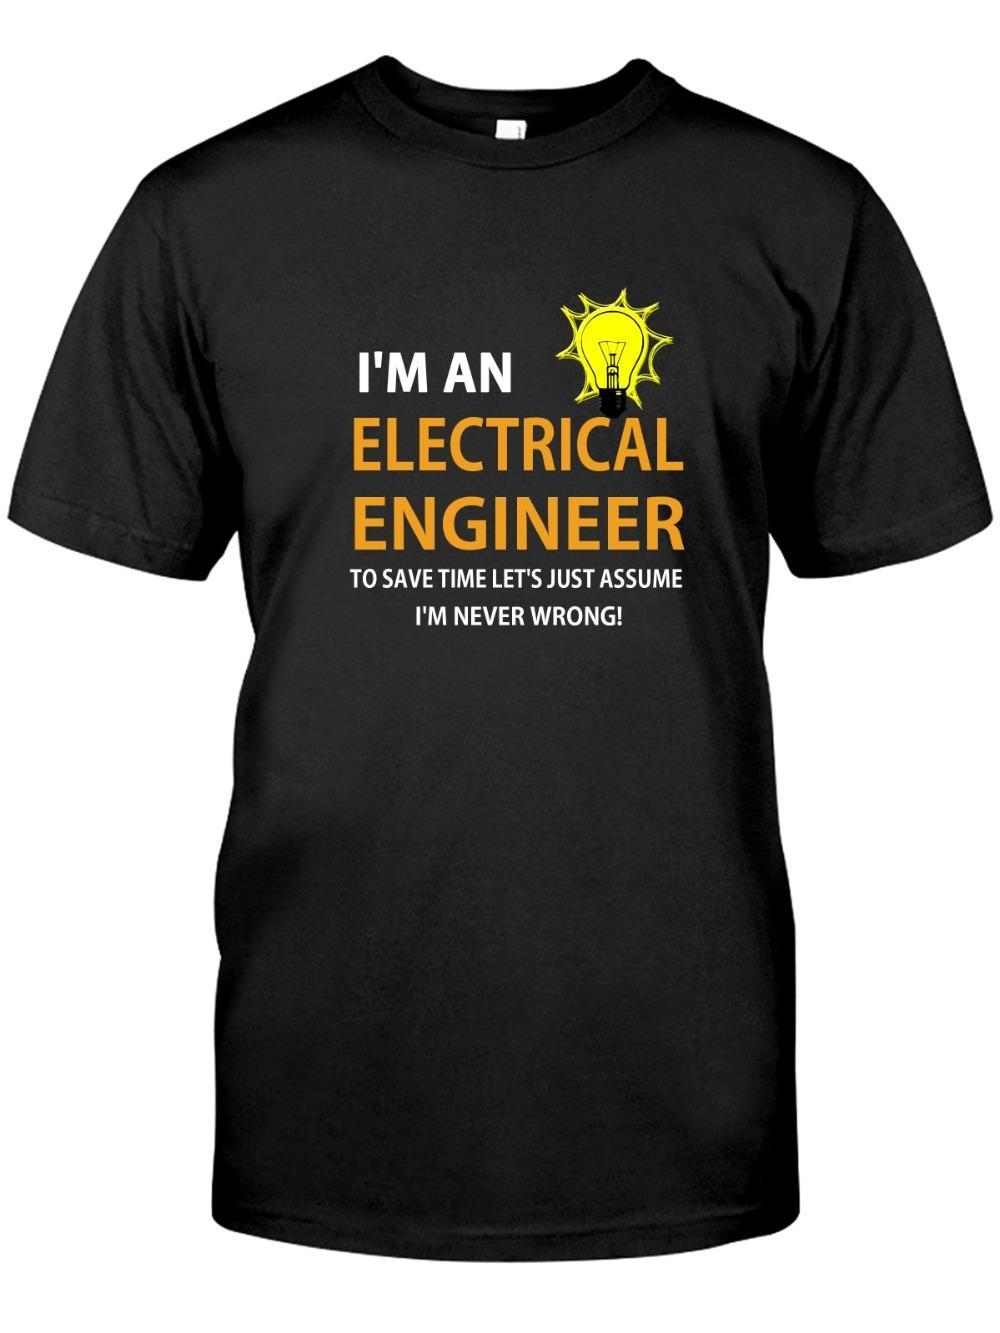 Nuovo di estate di modo degli uomini T T-shirt per Electrical Engineer - Sono un elettrico Enginee - Non mi sbaglio mai maniche corte in cotone T-